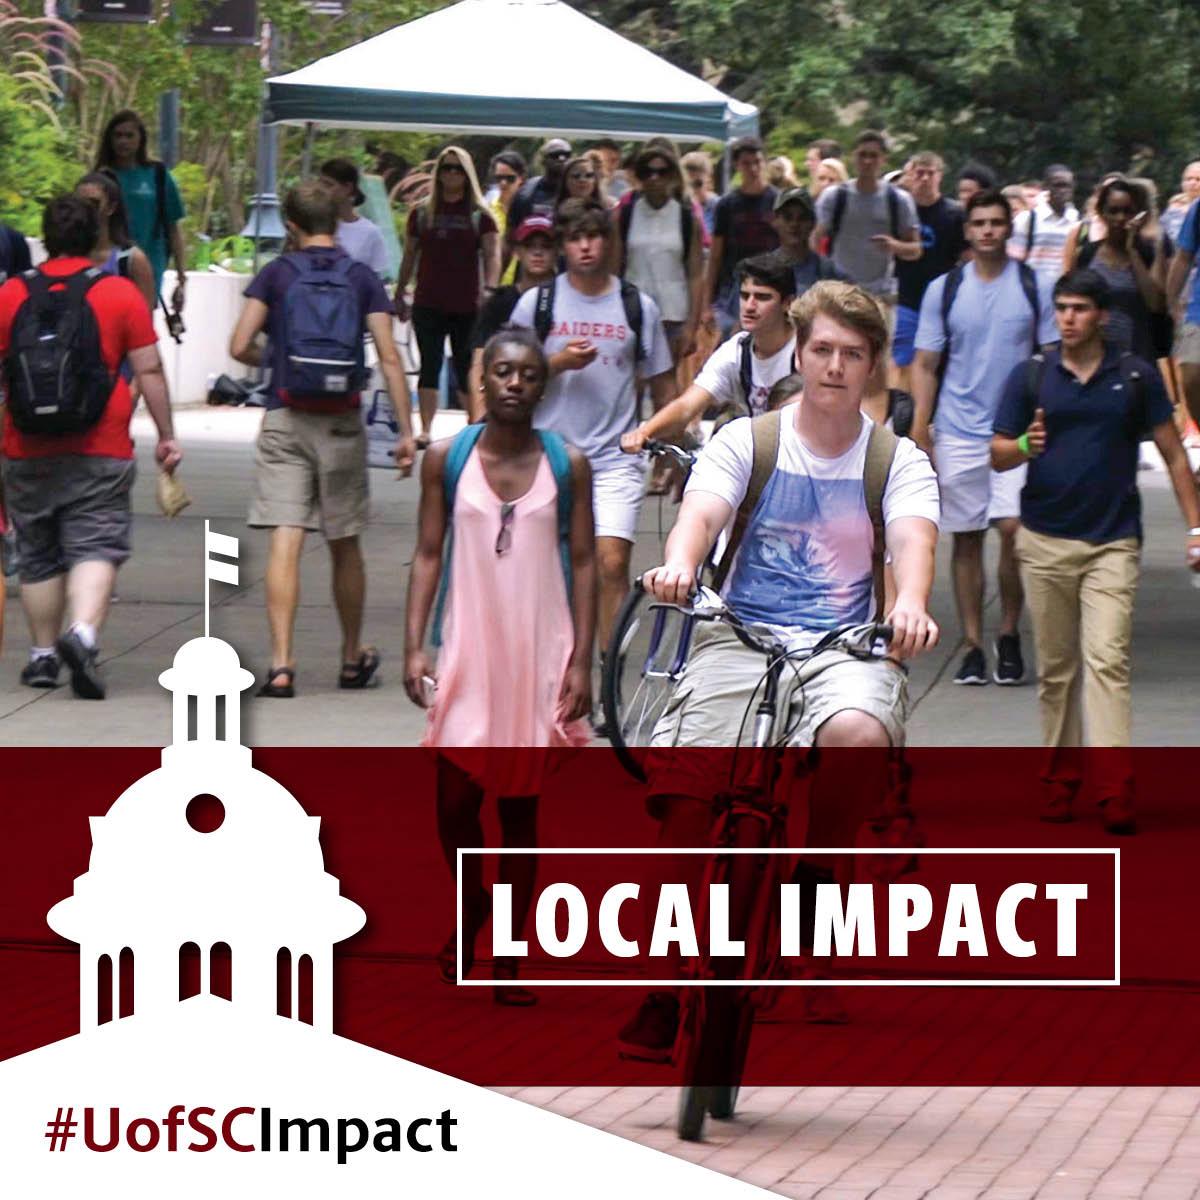 Local Impact